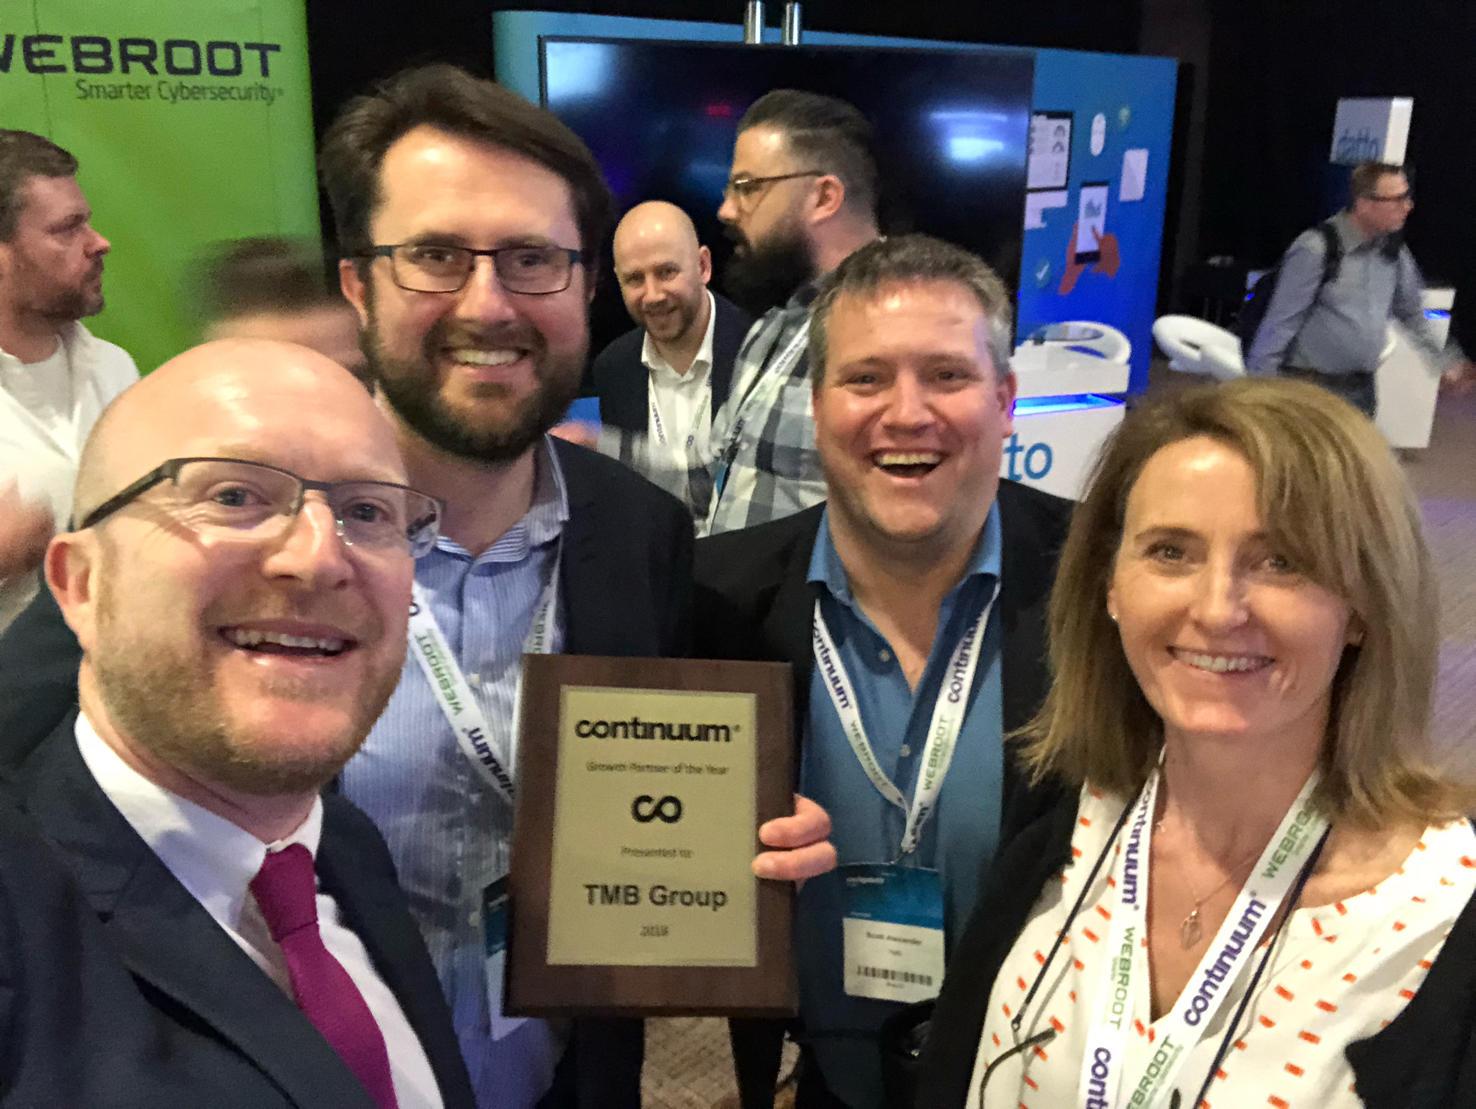 continuum award selfie